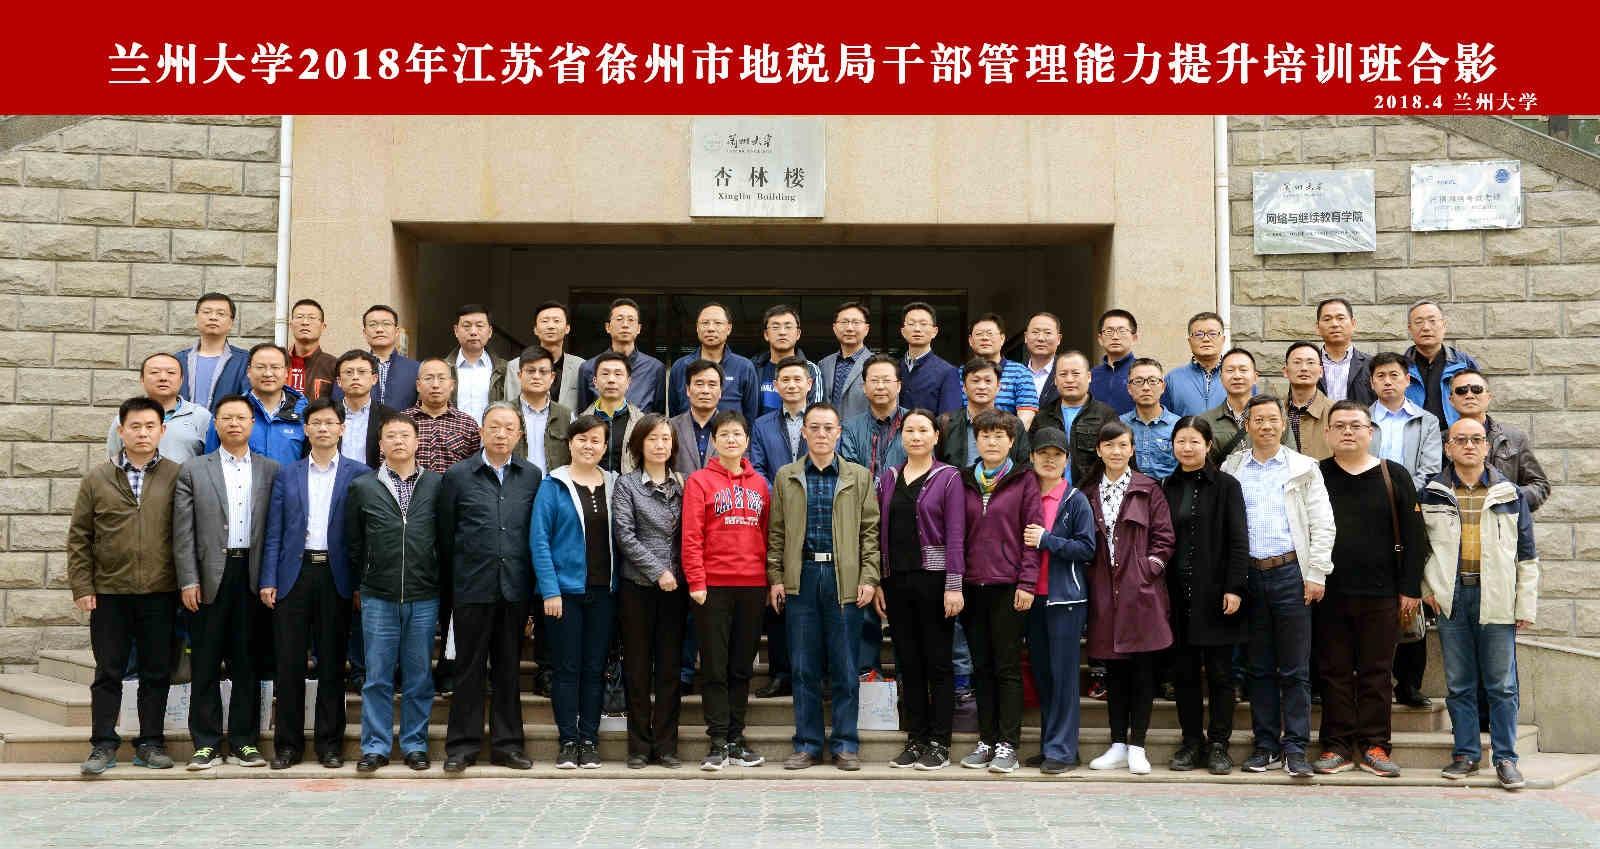 兰州大学2018年徐州市地税局干部管理能力提升培训班